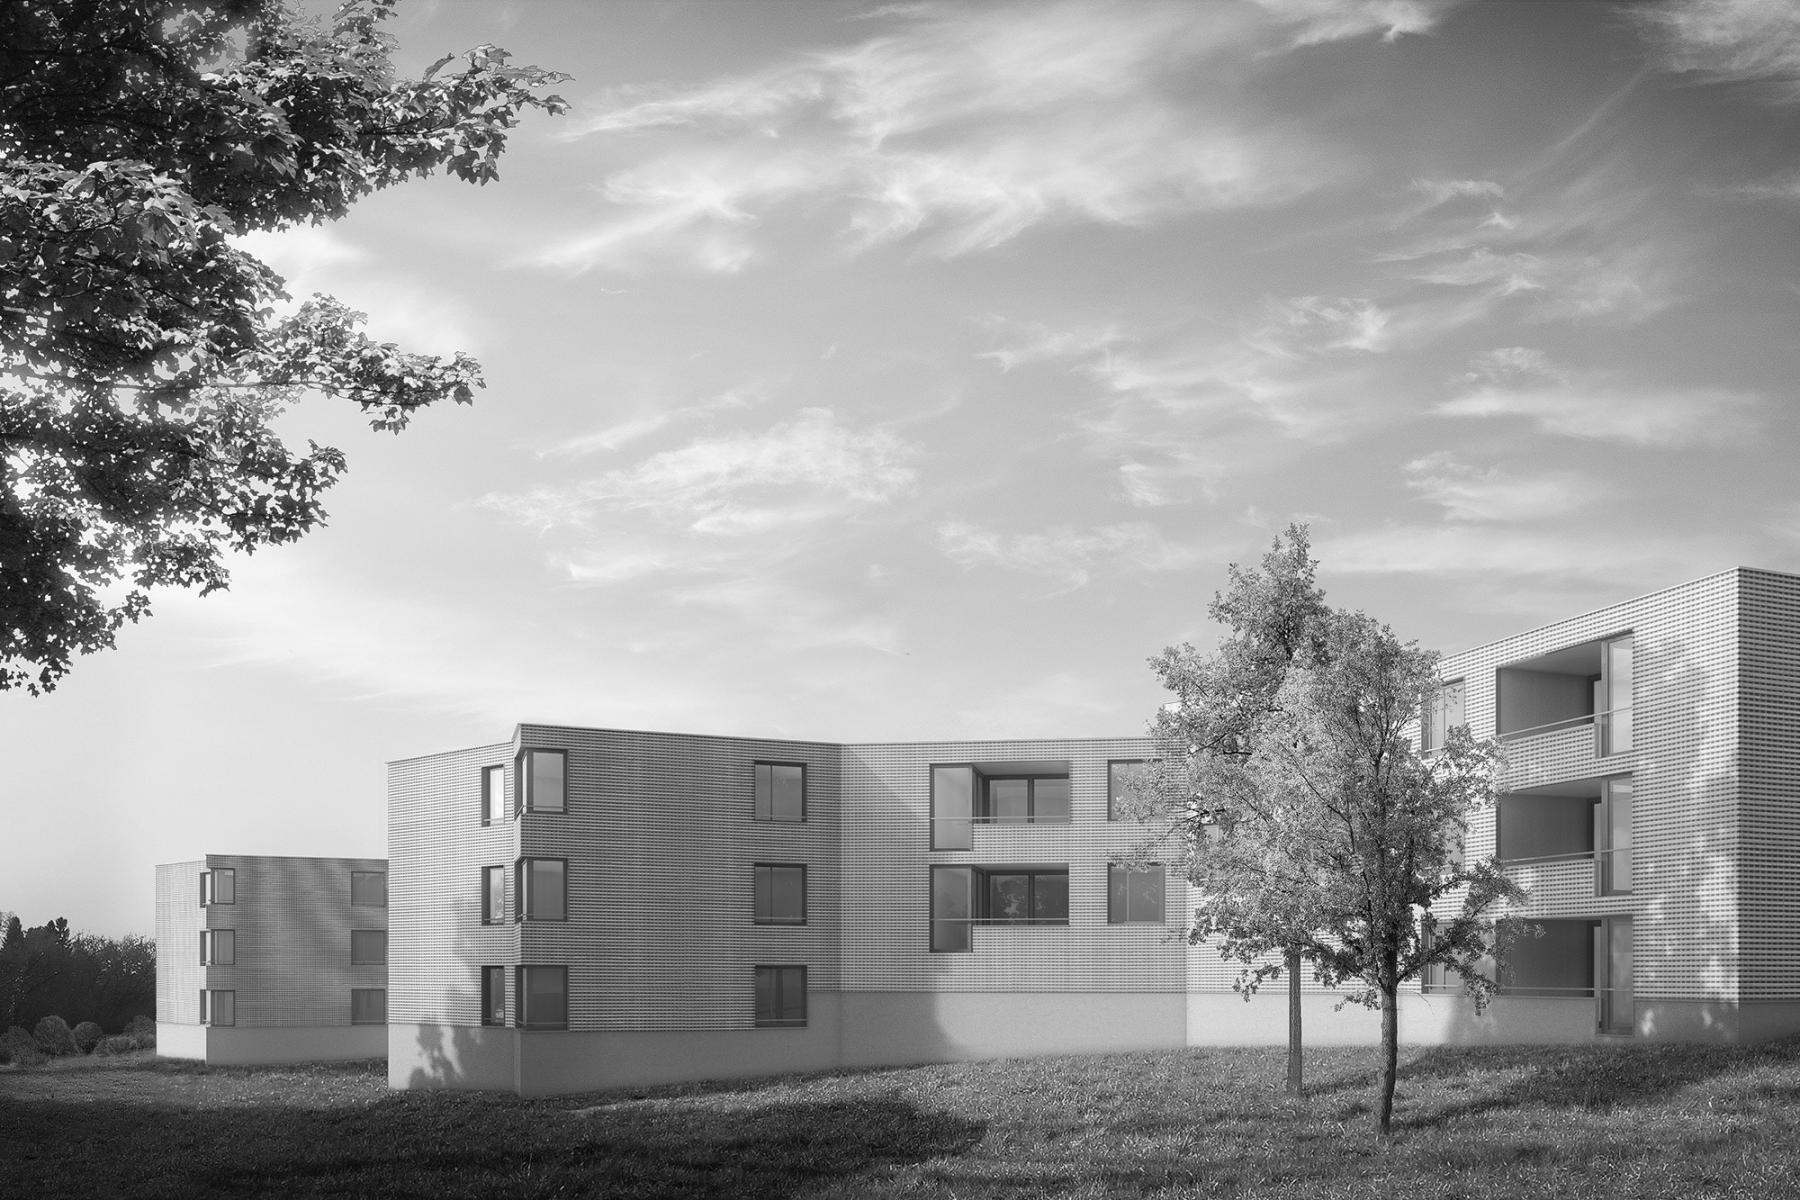 Construction de logements destinés aux personnes travaillant à la douane, Vernier (architecture + paysagisme), ahaa Heierle Andreas, Atelier für Architektur weber + brönnimann AG, IVY